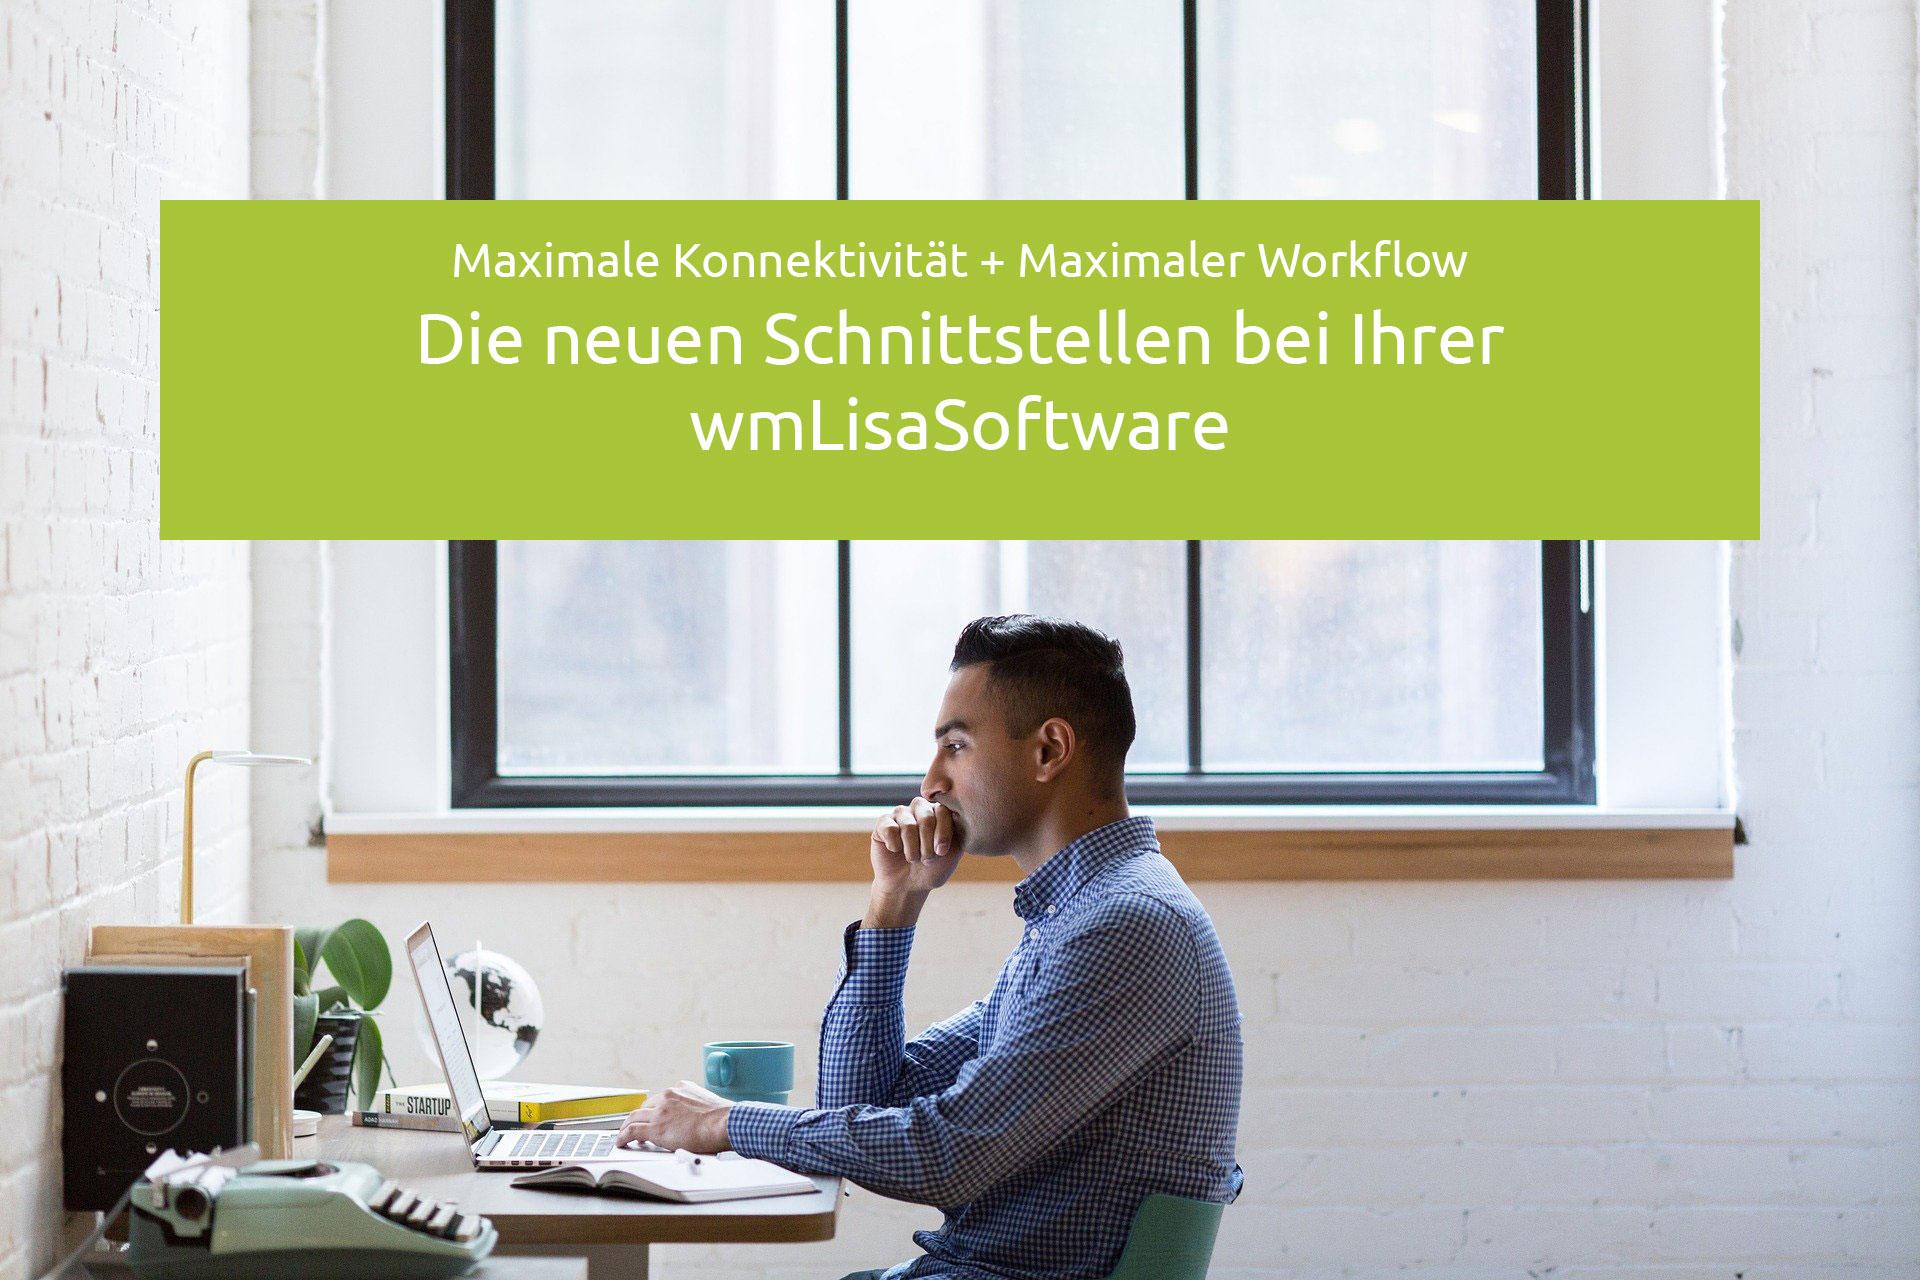 wmLisaSoftware, Maklerverwaltungsprogramm, Schnittstellen